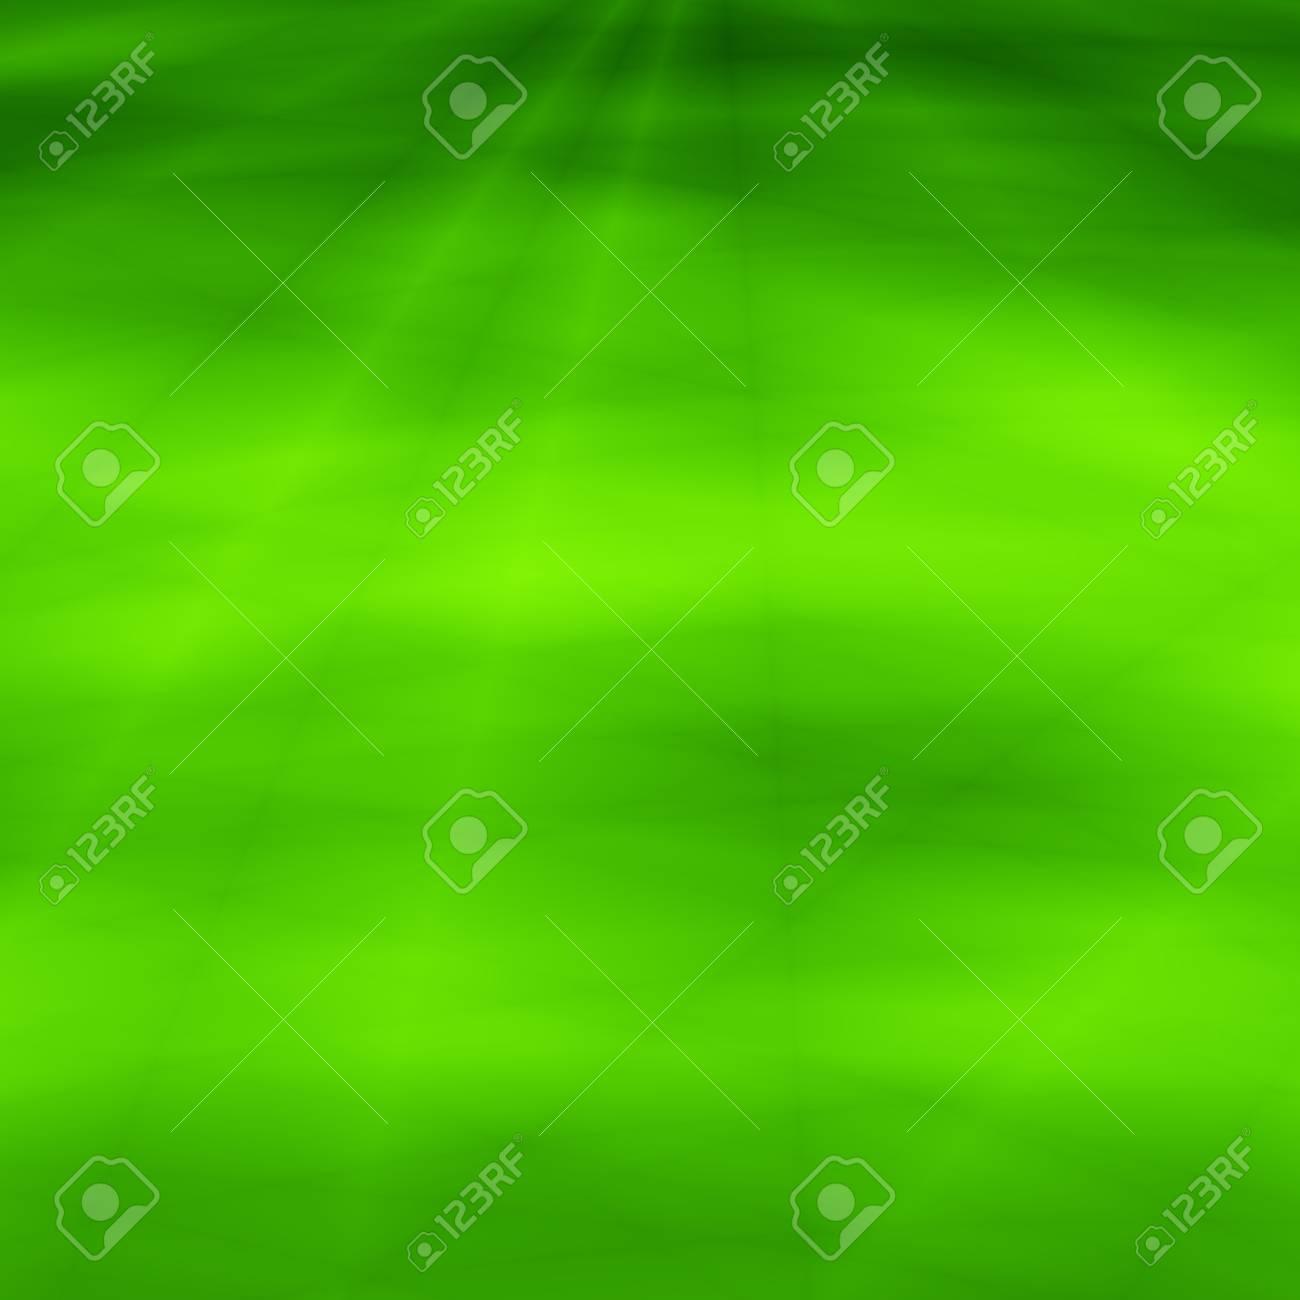 背景グリーン 抽象柄夏のシンプルな壁紙 の写真素材 画像素材 Image